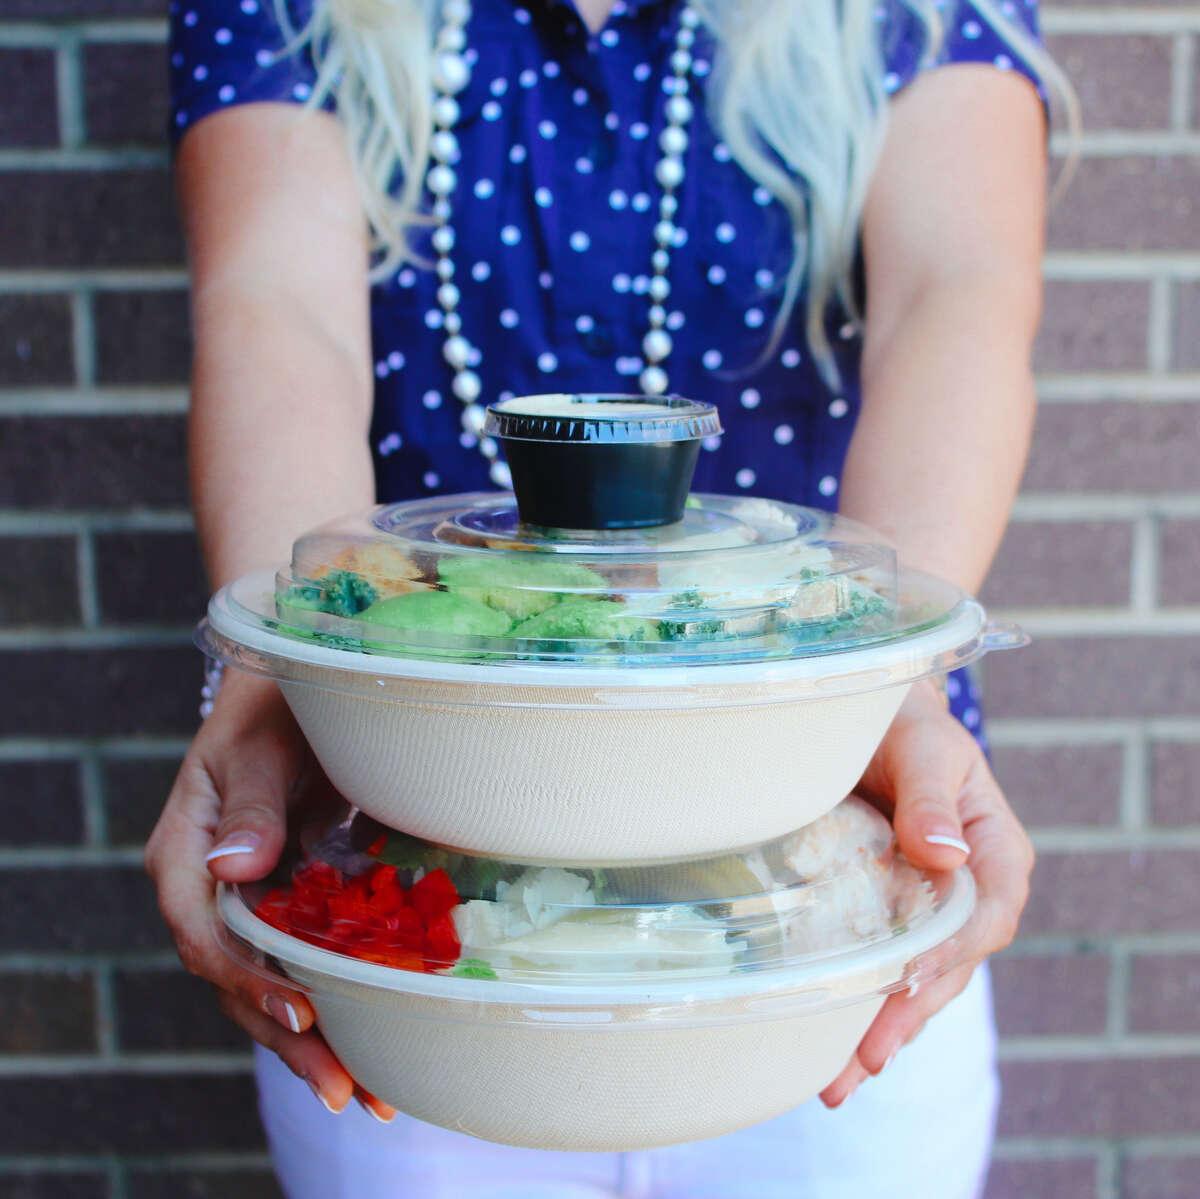 Bowls of Salad Station meals.